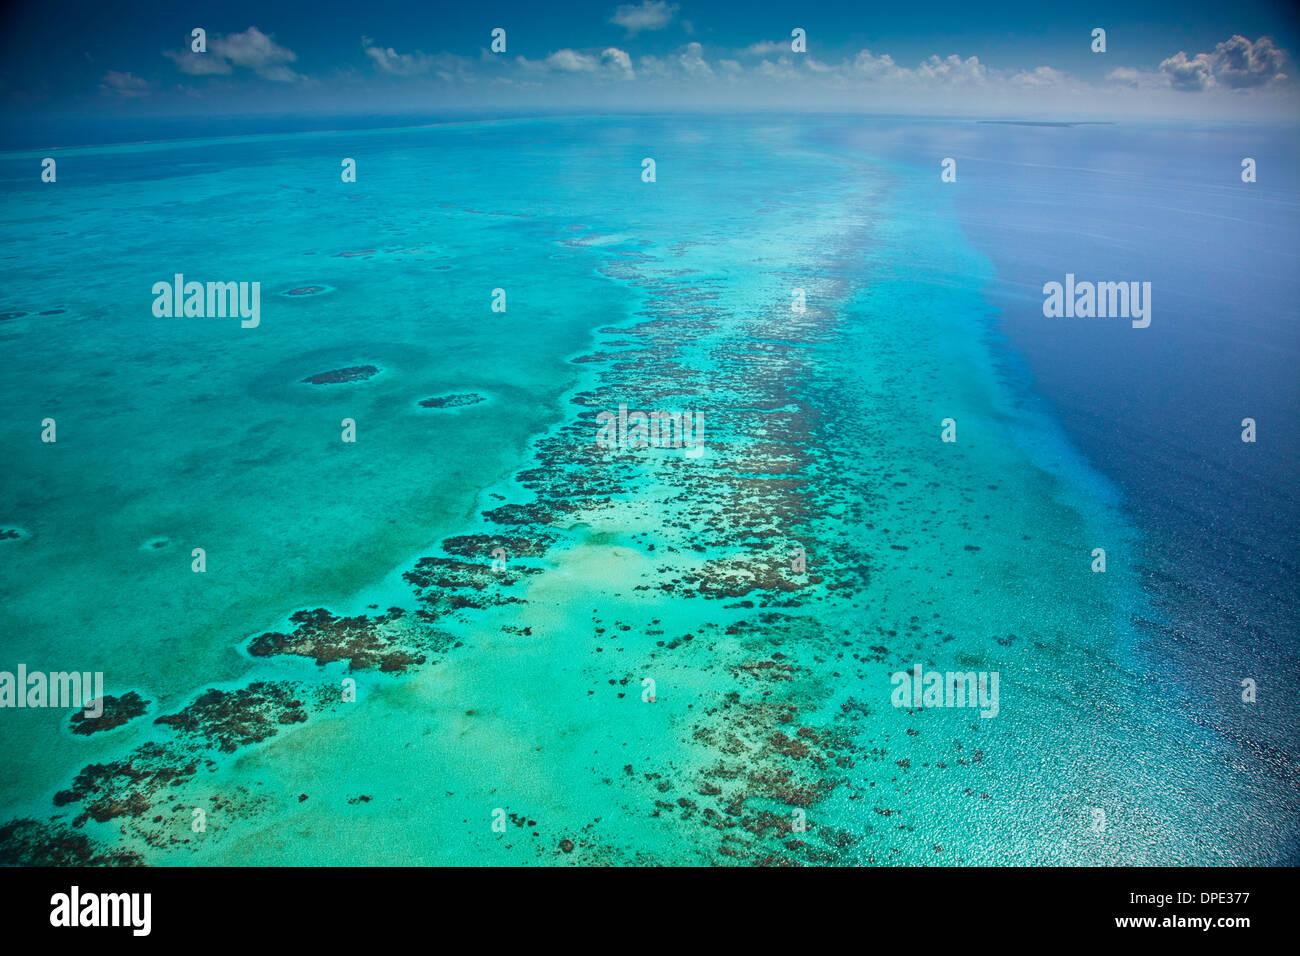 Riff Detail Belize Karibik Meso amerikanischen Reef Reserve Lighthouse Reef Atoll größte Riff in der westlichen Hemisphäre Luftbild Stockbild